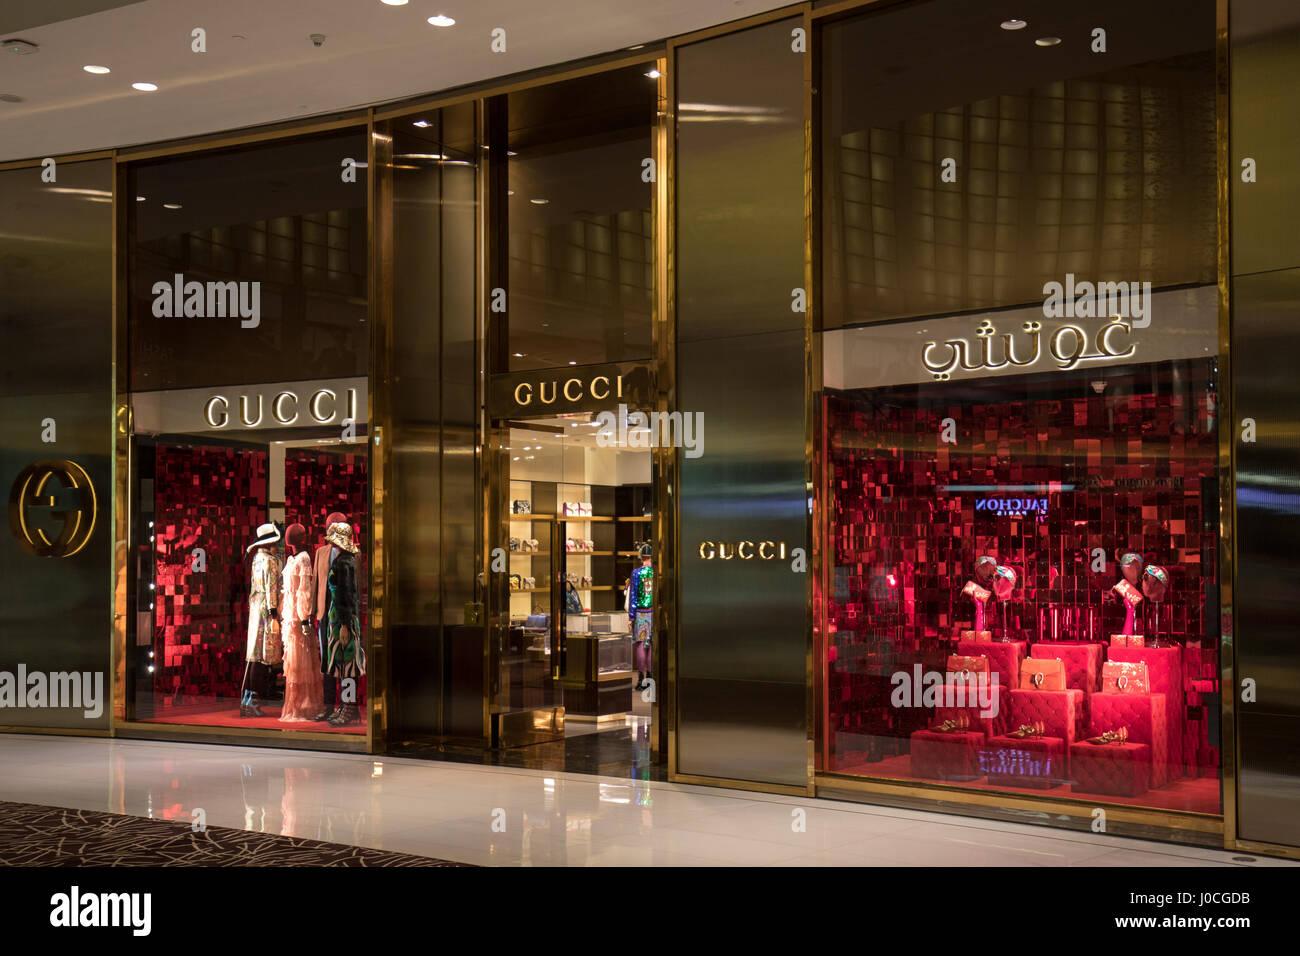 La tienda Gucci en la Avenida de la moda del centro comercial Dubai Mall.  Imagen 755cd415ba0